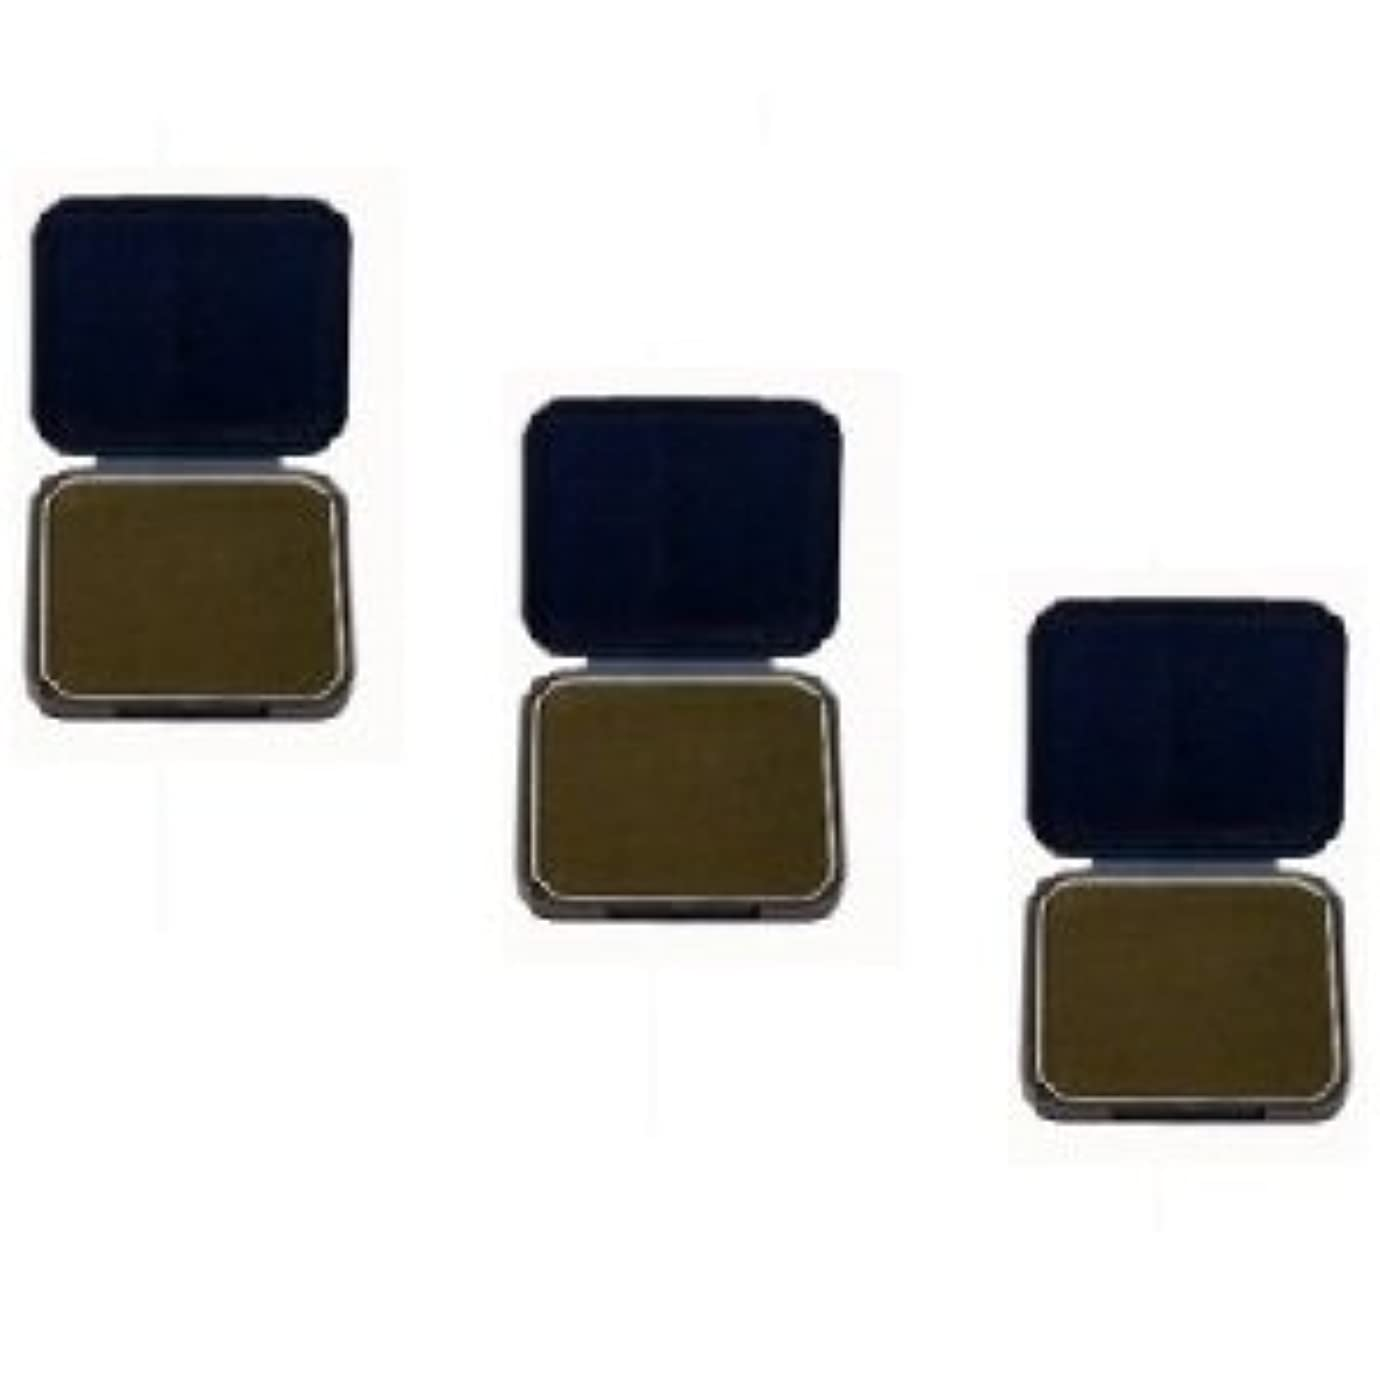 付属品お気に入り立ち向かう【3個セット】 アモロス 黒彩 ヘアファンデーション 13g 栗 詰替え用レフィル